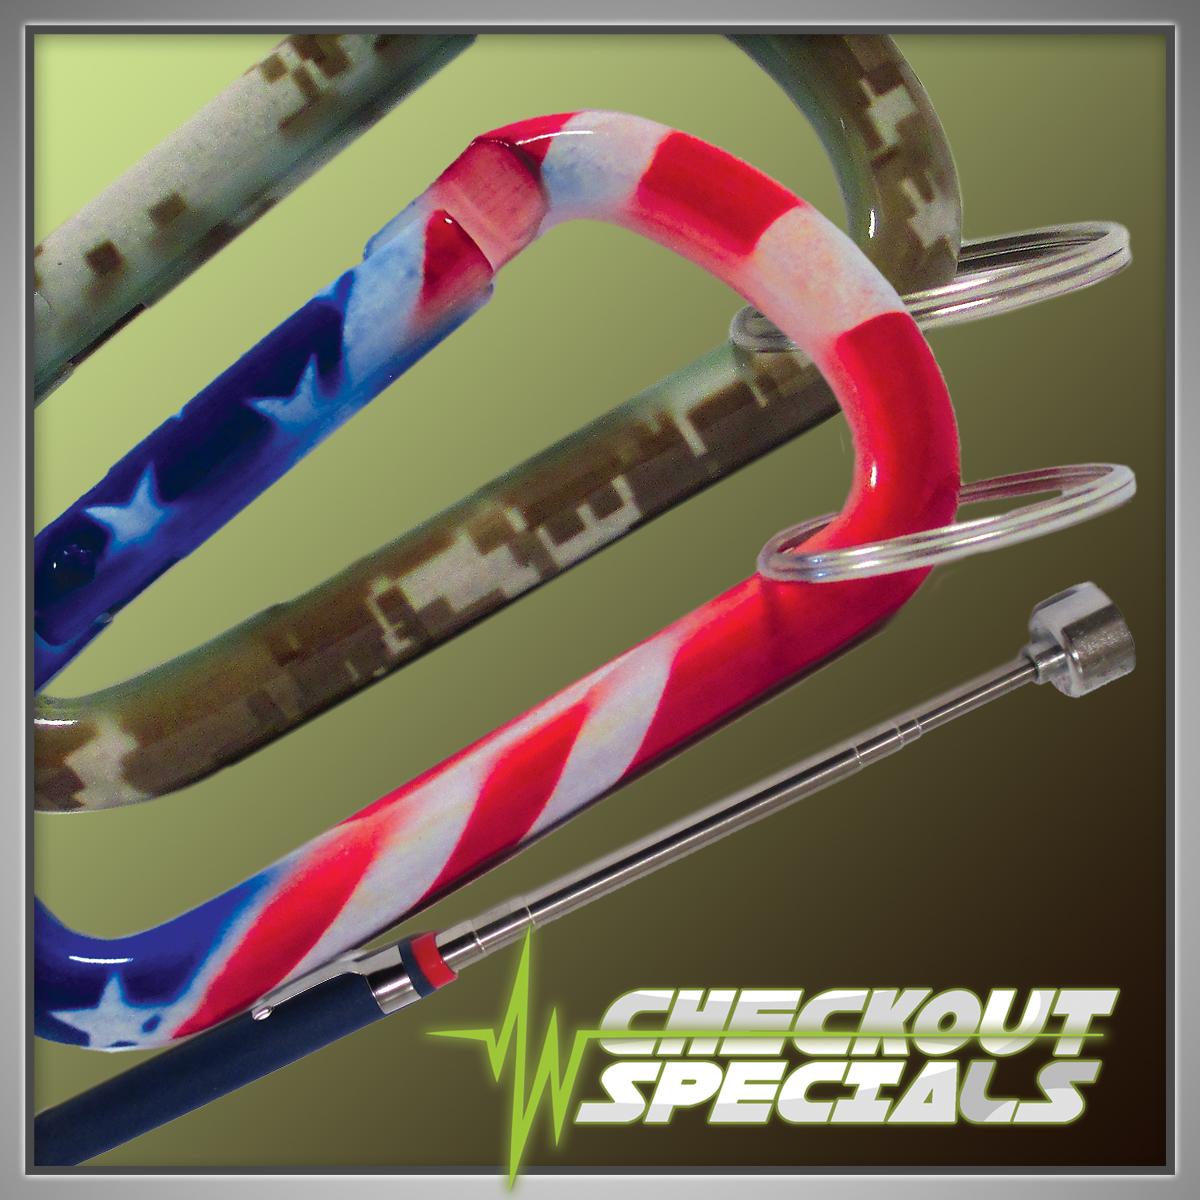 Checkout Specials